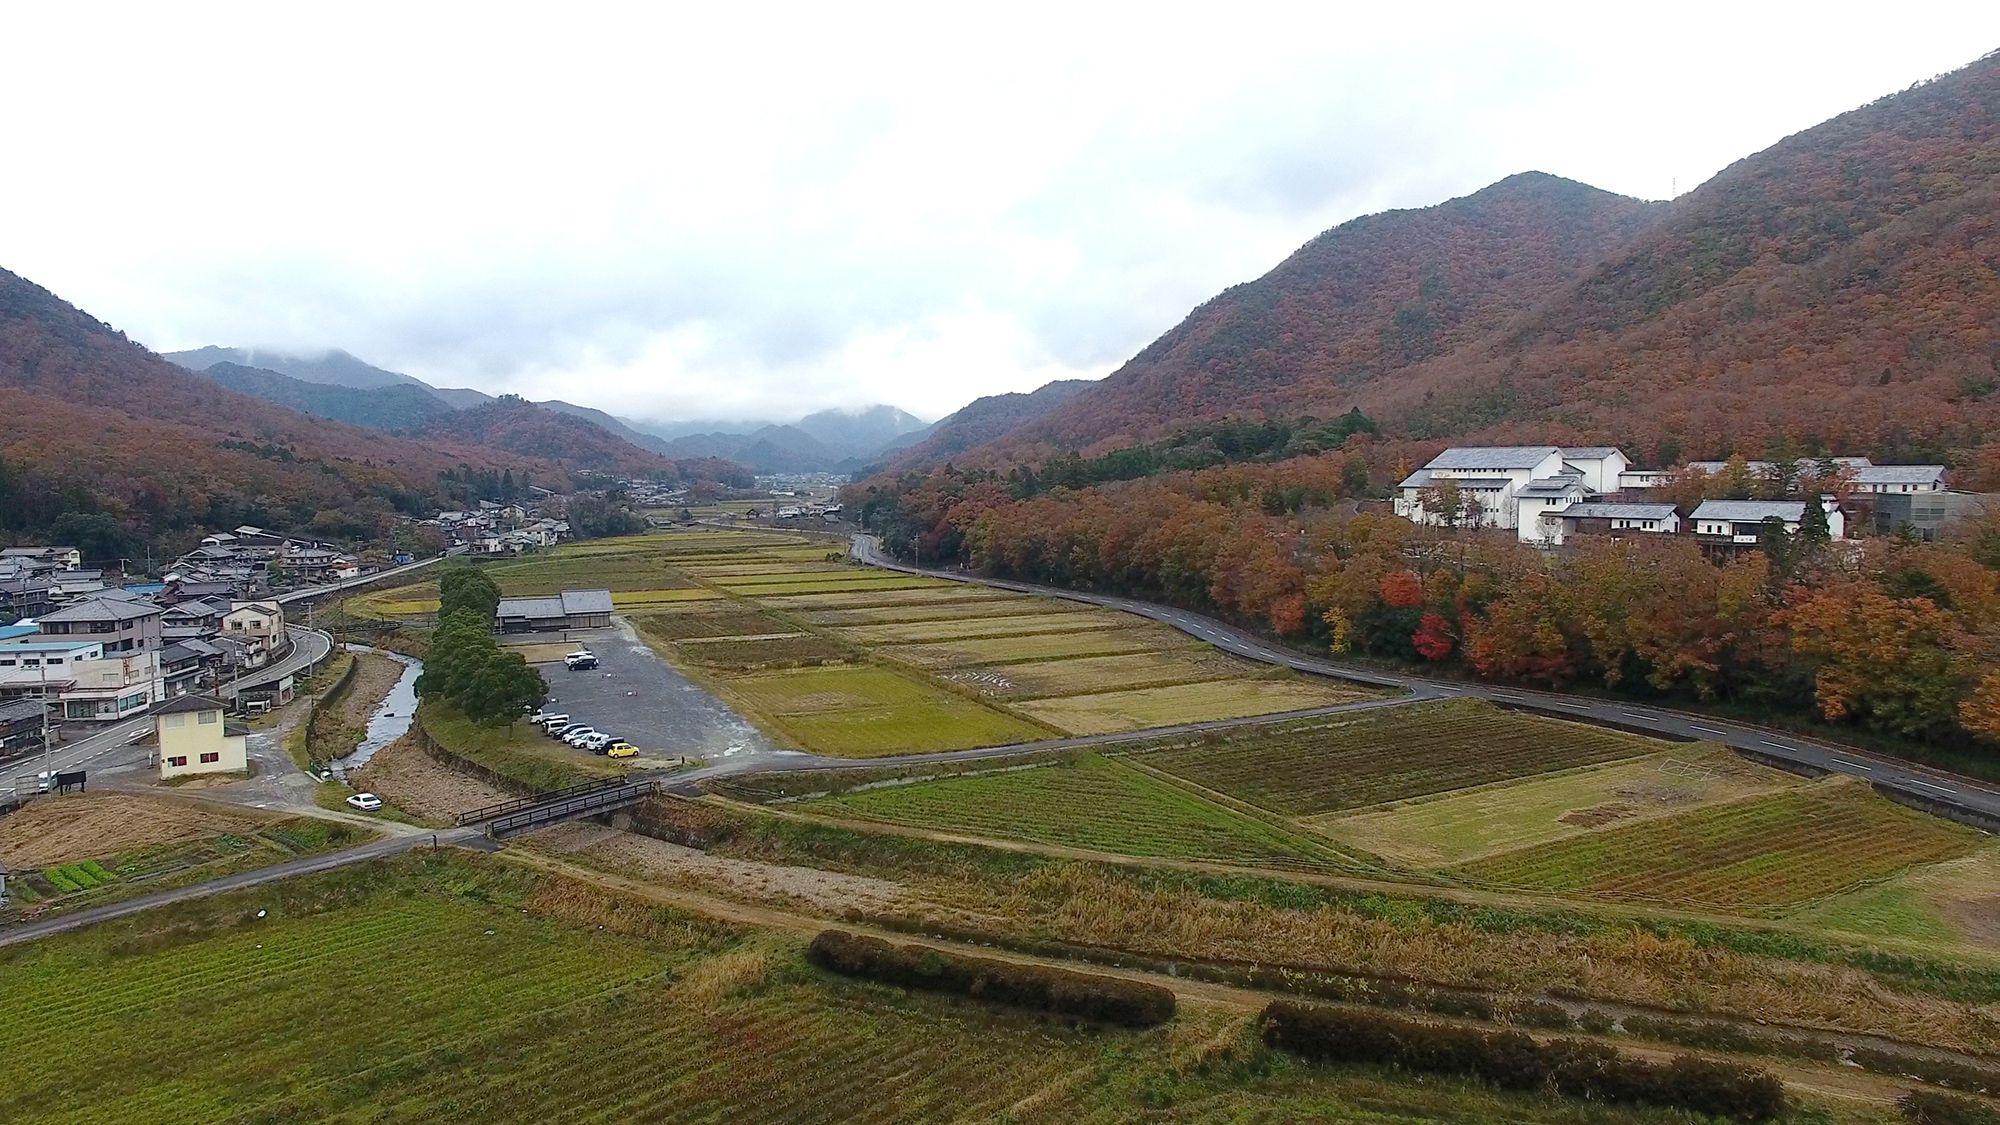 山間の景観が美しい丹波焼の里、兵庫県丹波篠山市立杭地区にある兵庫陶芸美術館(右の建物)